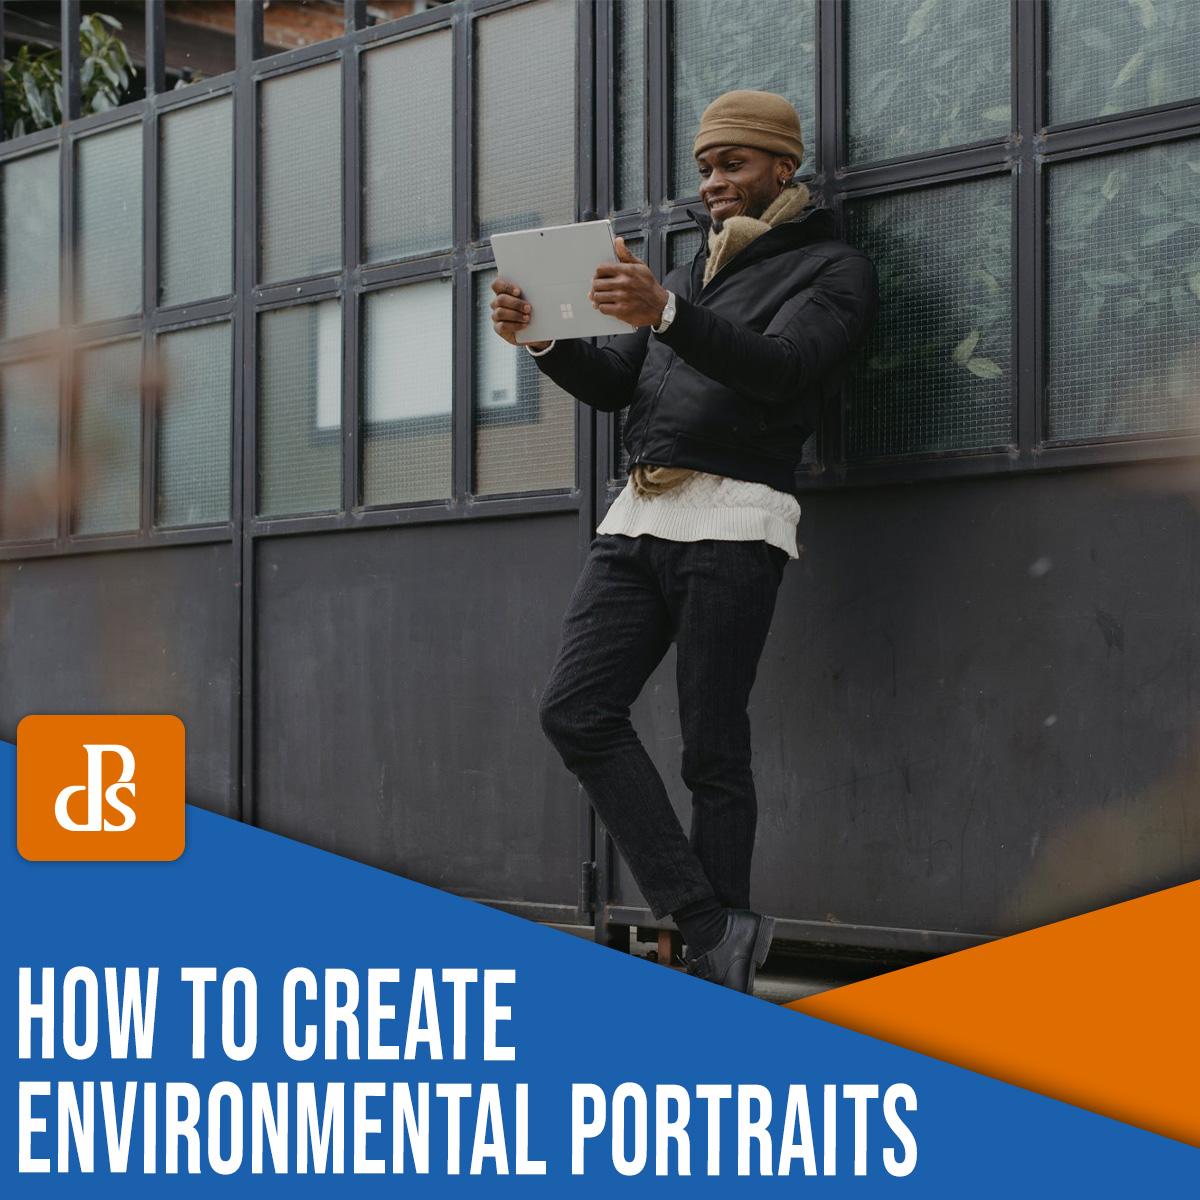 como criar retratos ambientais